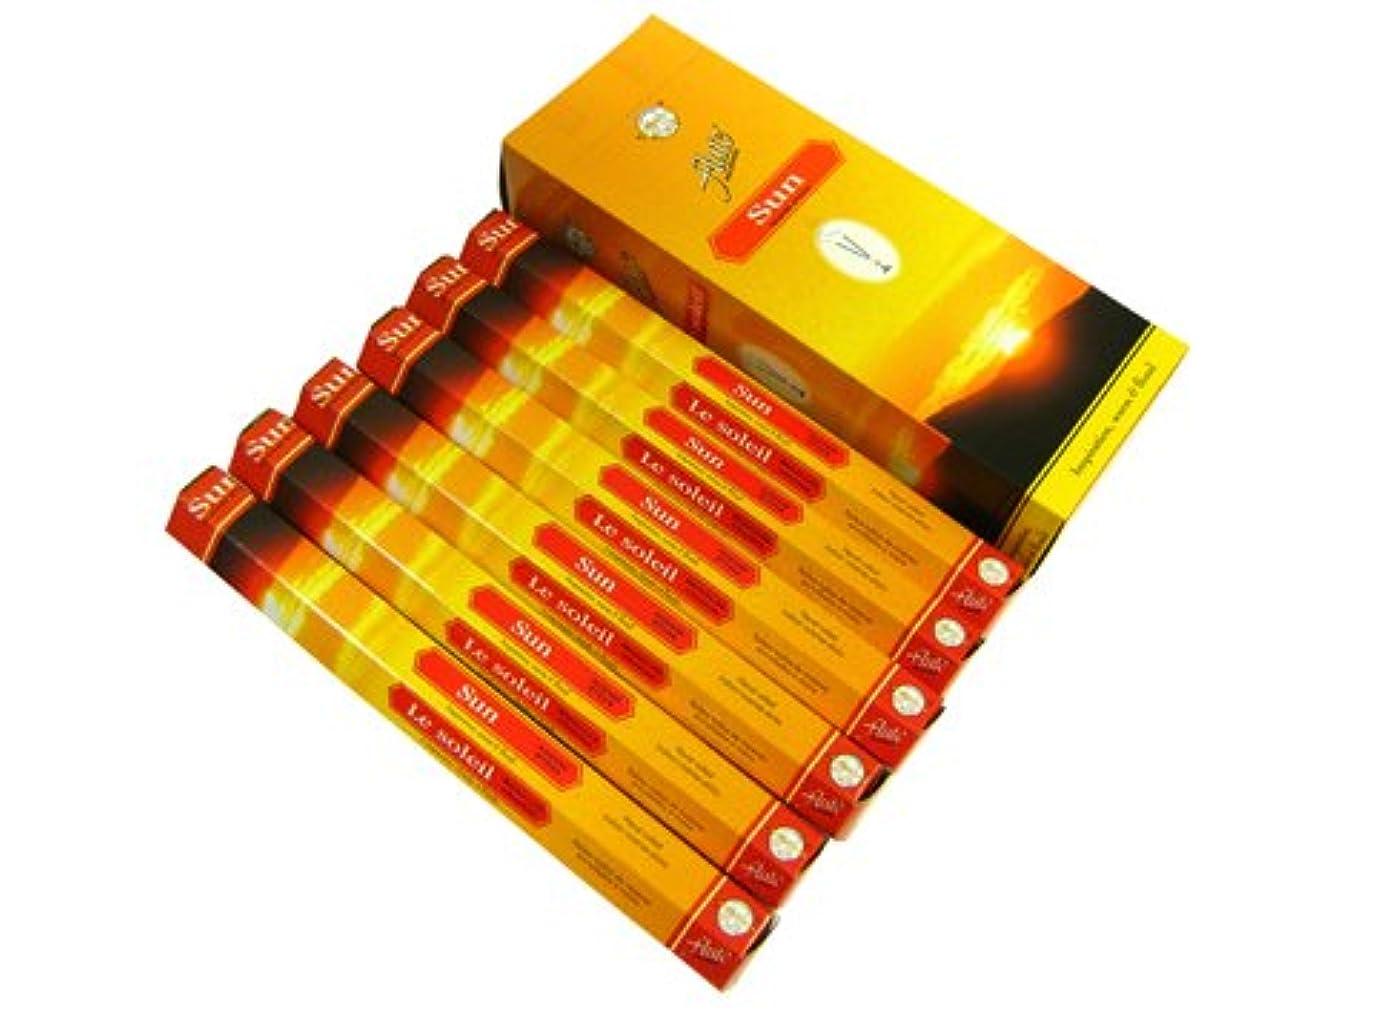 検出汚物グレートオークFLUTE(フルート) サン香 スティック SUN 6箱セット